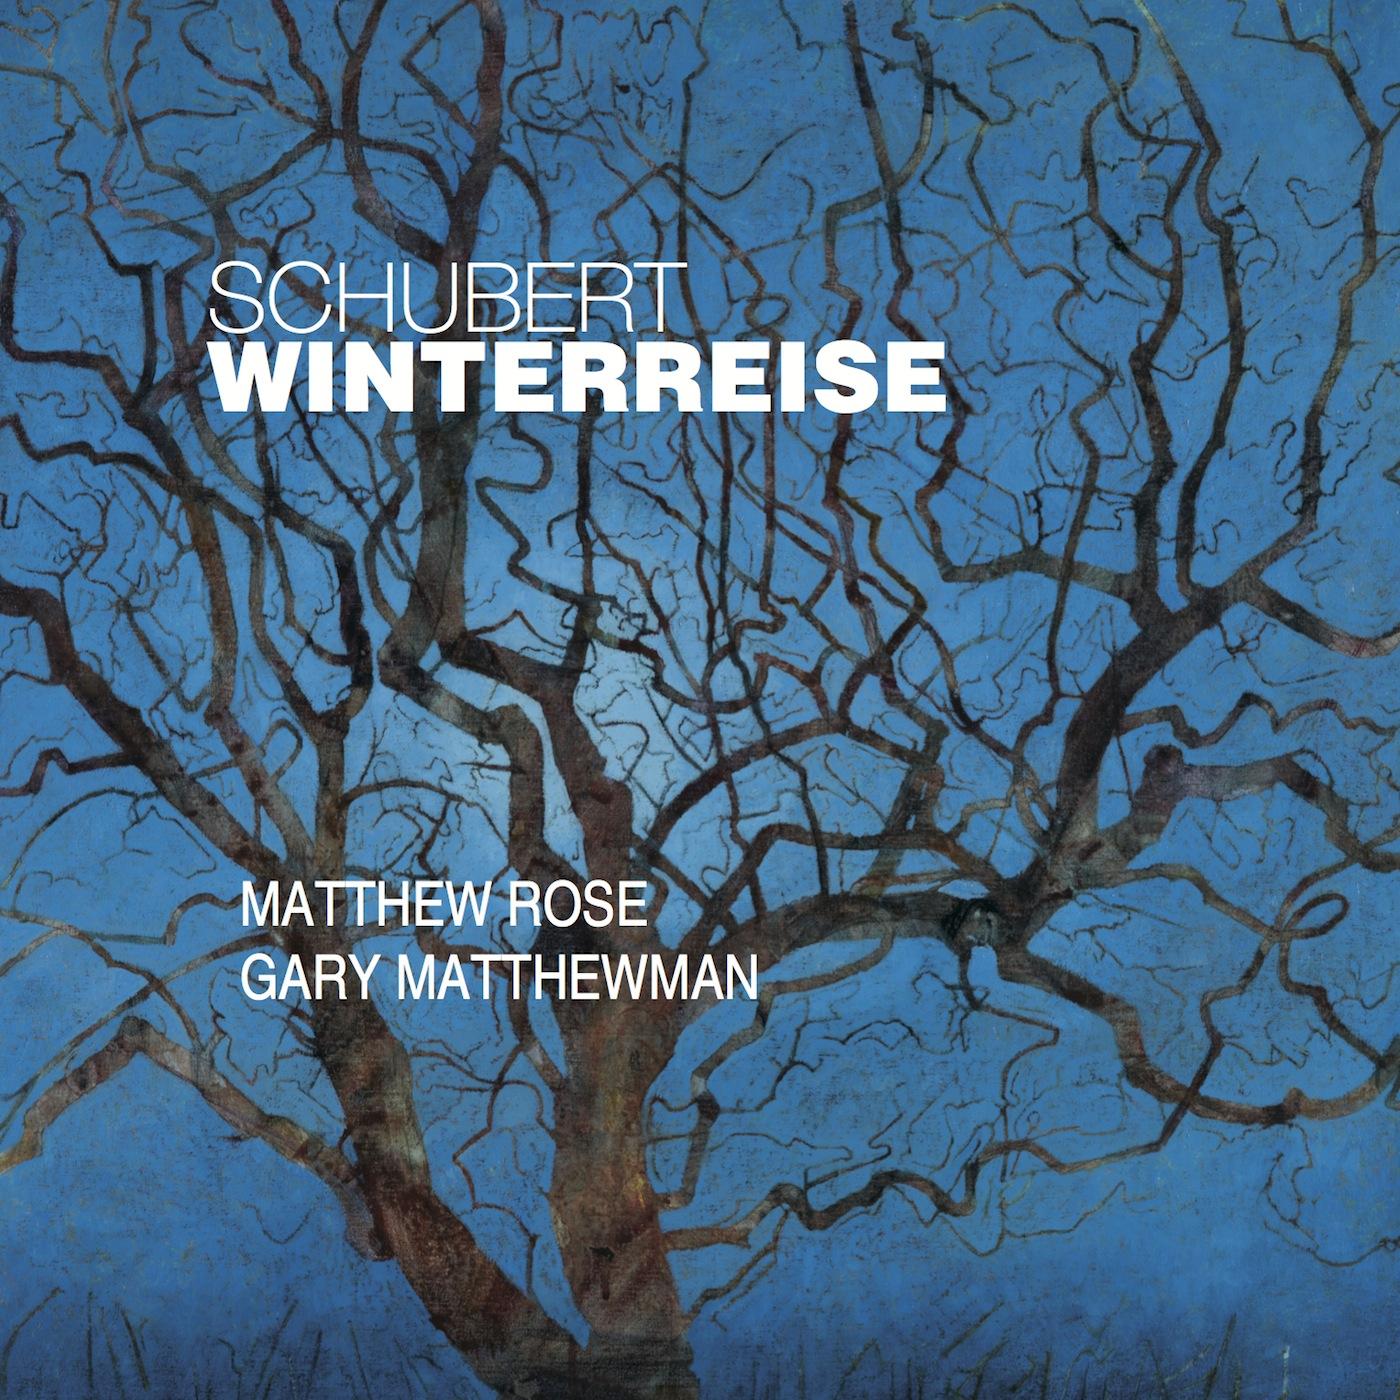 """""""在寒冷的冬日里漫无目的地四处漂泊"""" 舒伯特:声乐套曲《冬之旅》"""